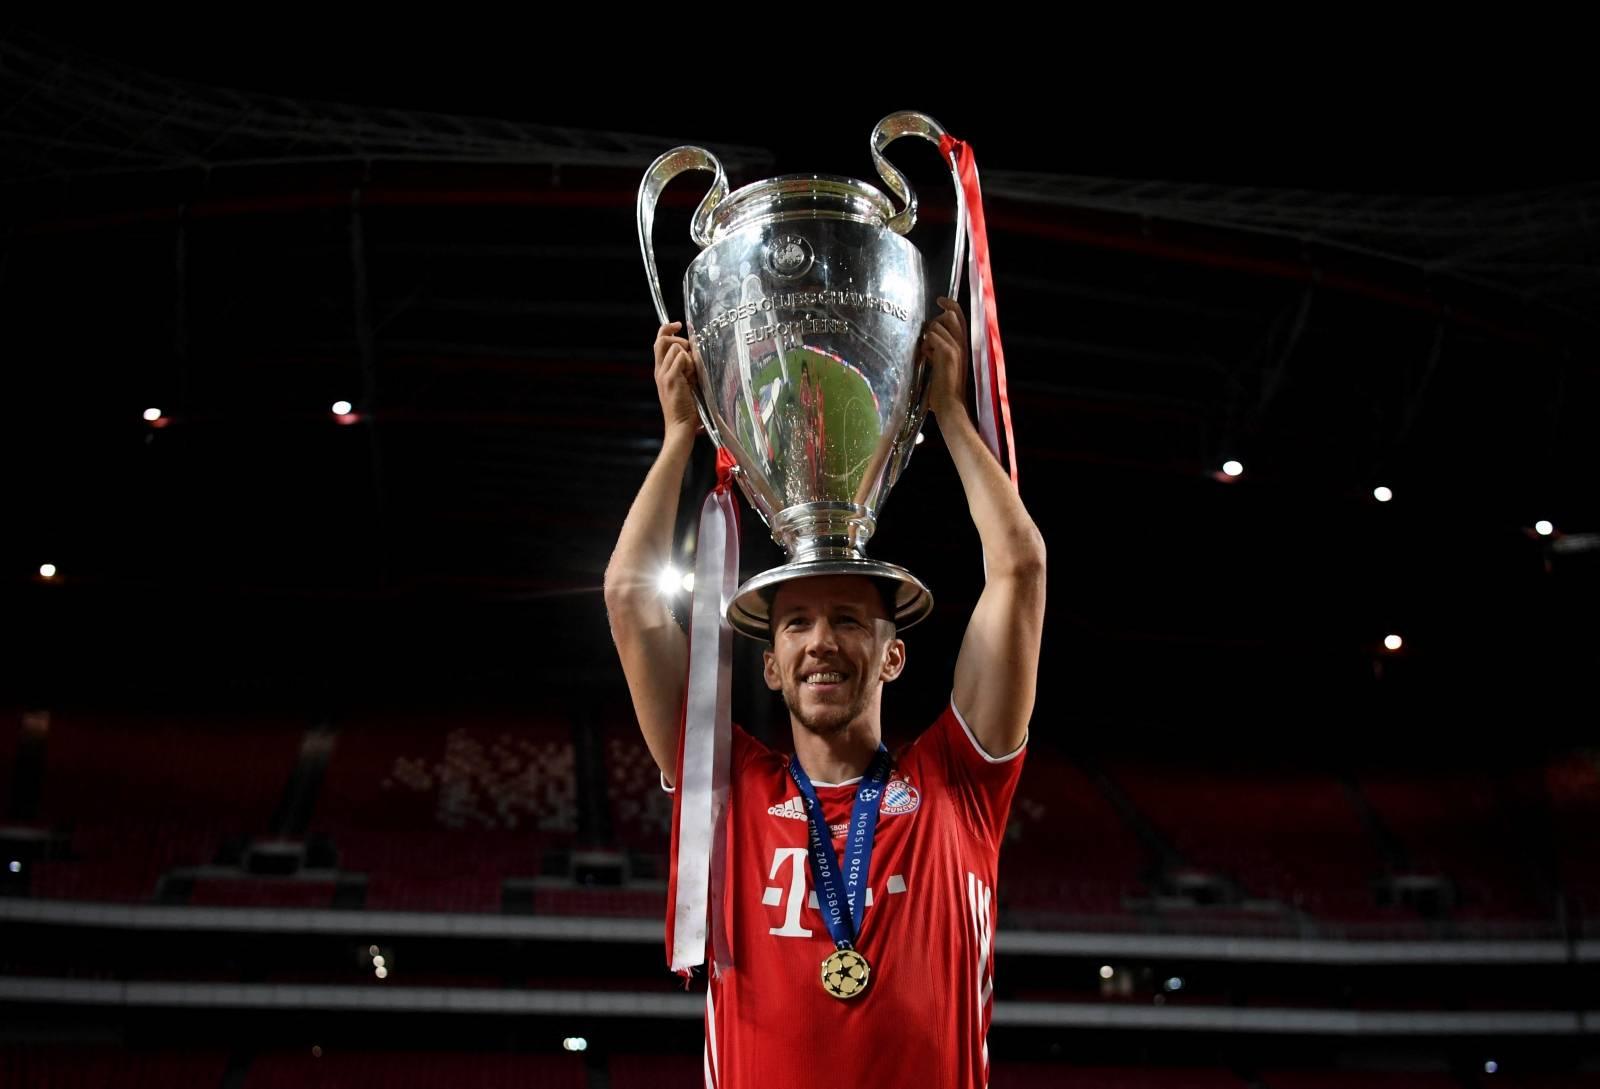 Le Bayern de Munich remporte la finale de la ligue des Champions UEFA 2020 à Lisbonne en gagnant 1-0 face au PSG (Paris Saint-Germain)